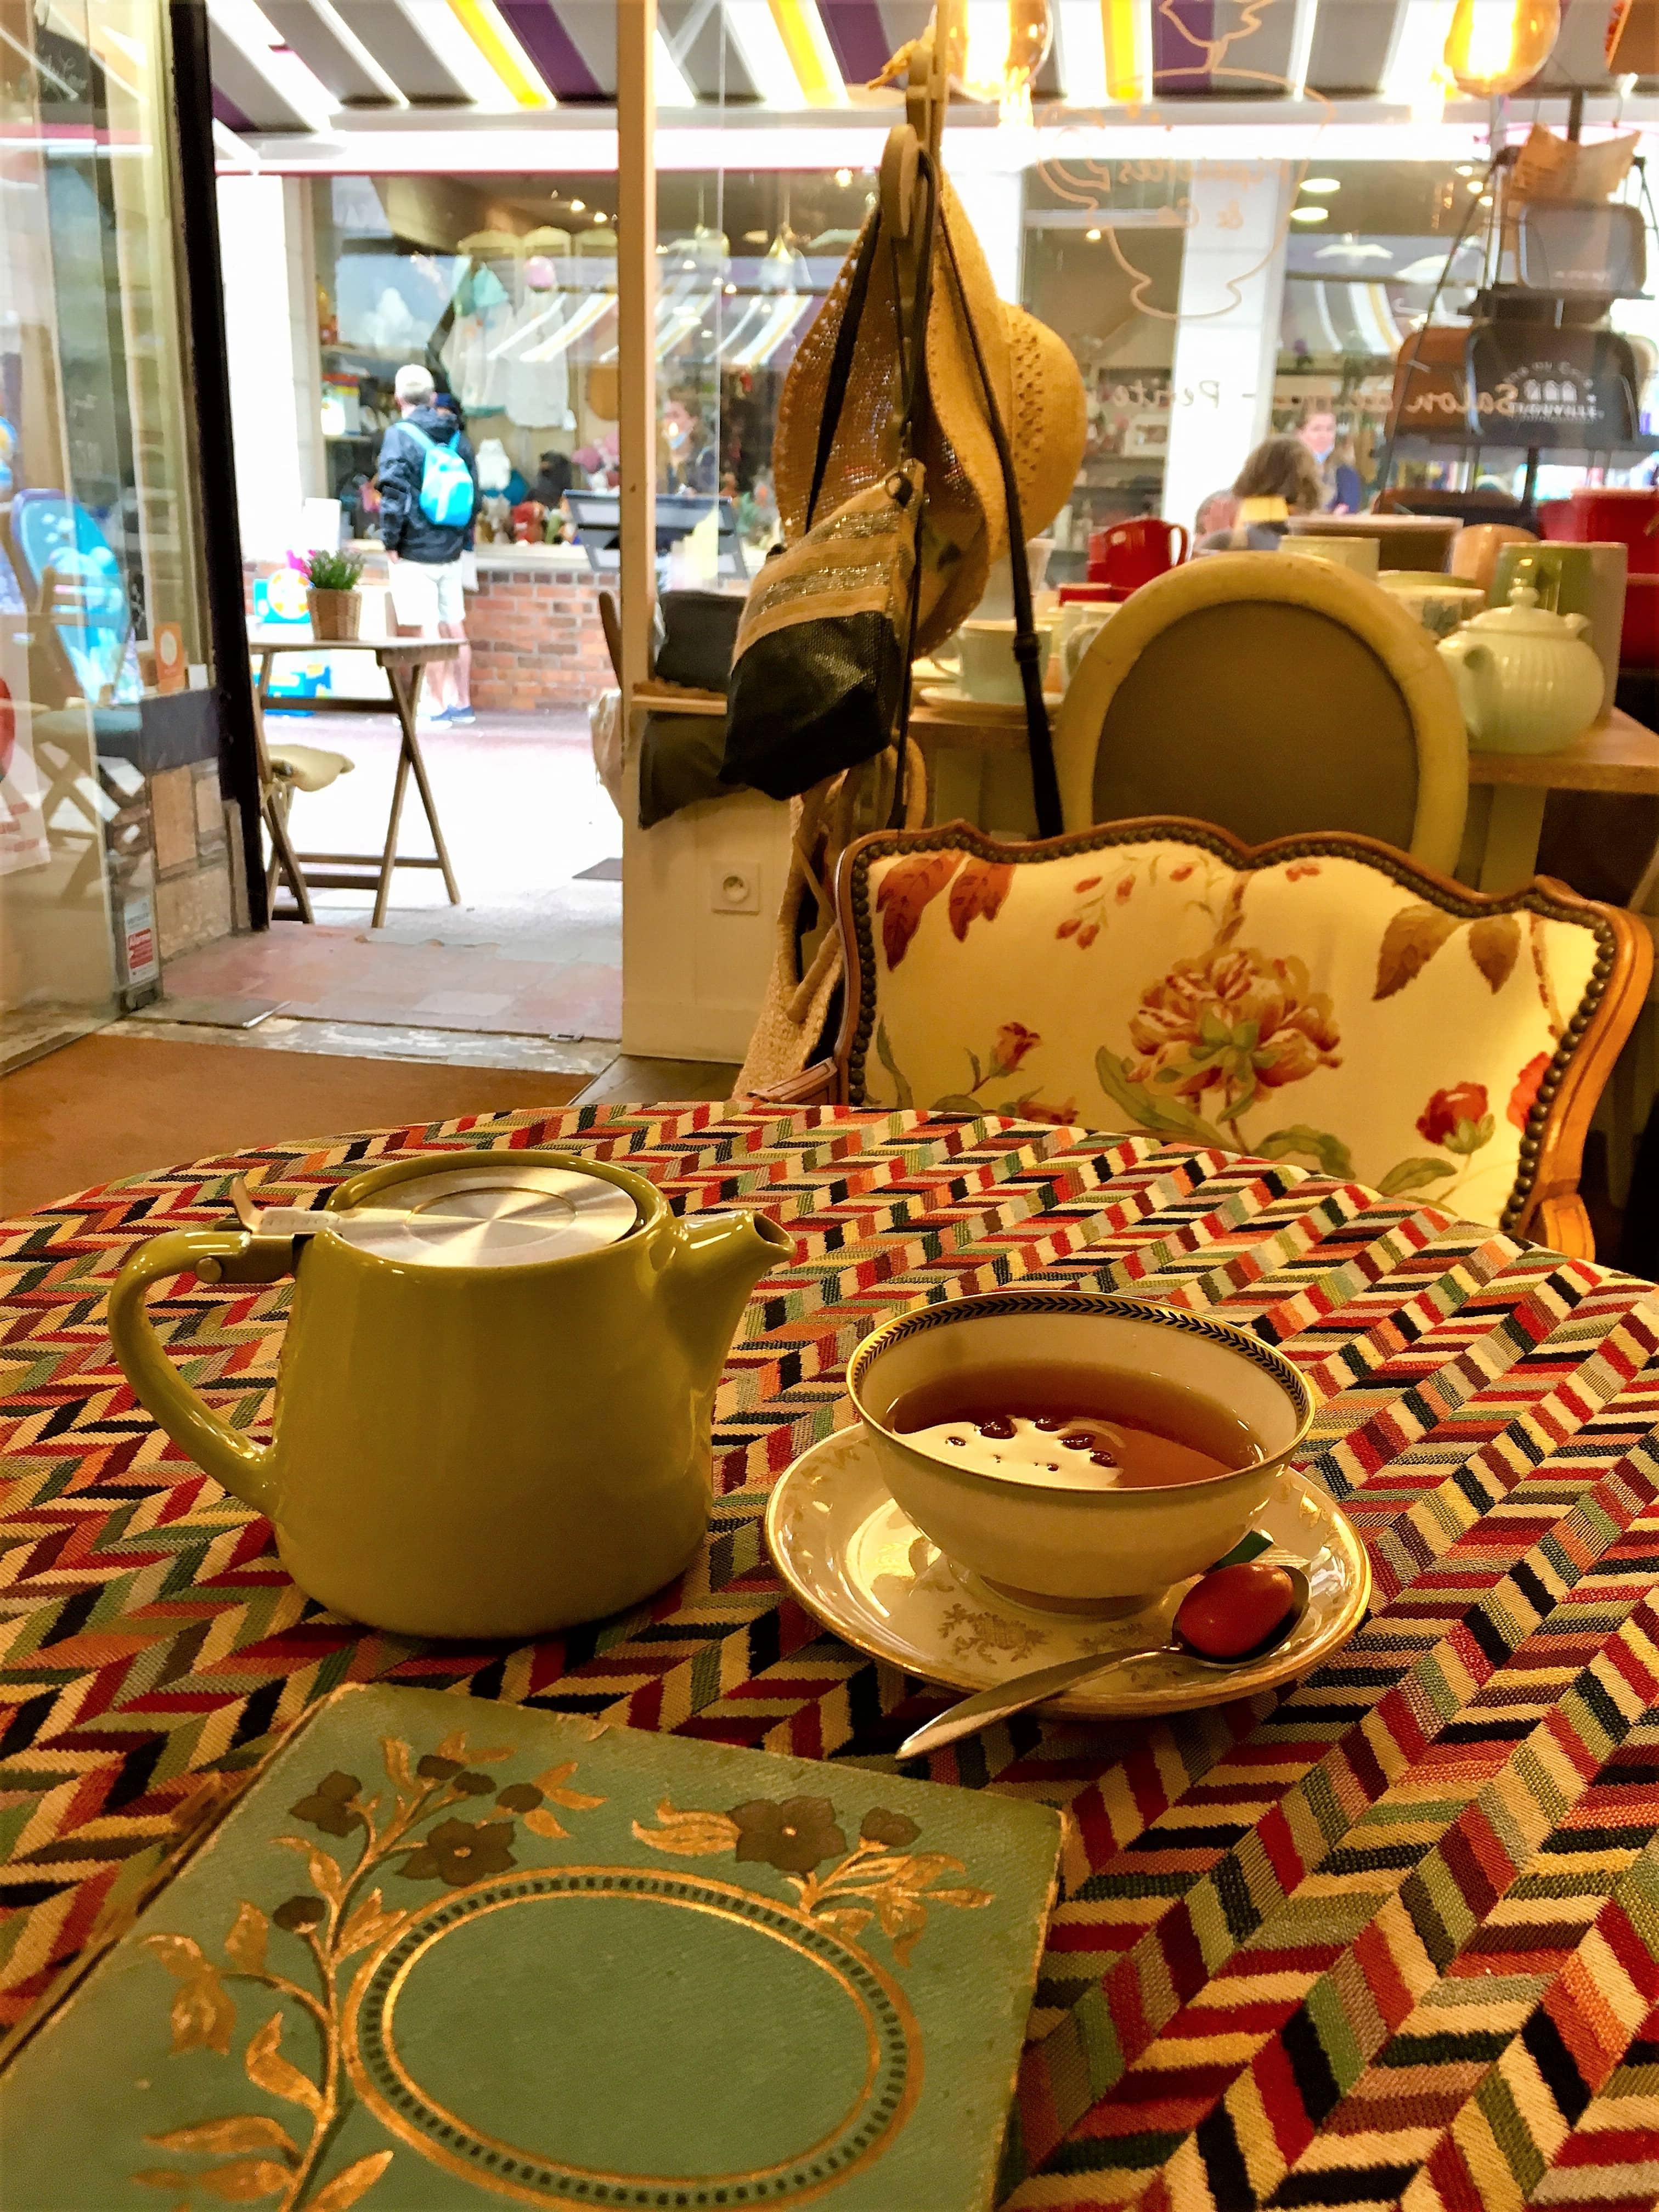 Pipelettes_co_salon_the_concept_store_Trouville_sur_mer_TeaVoyages